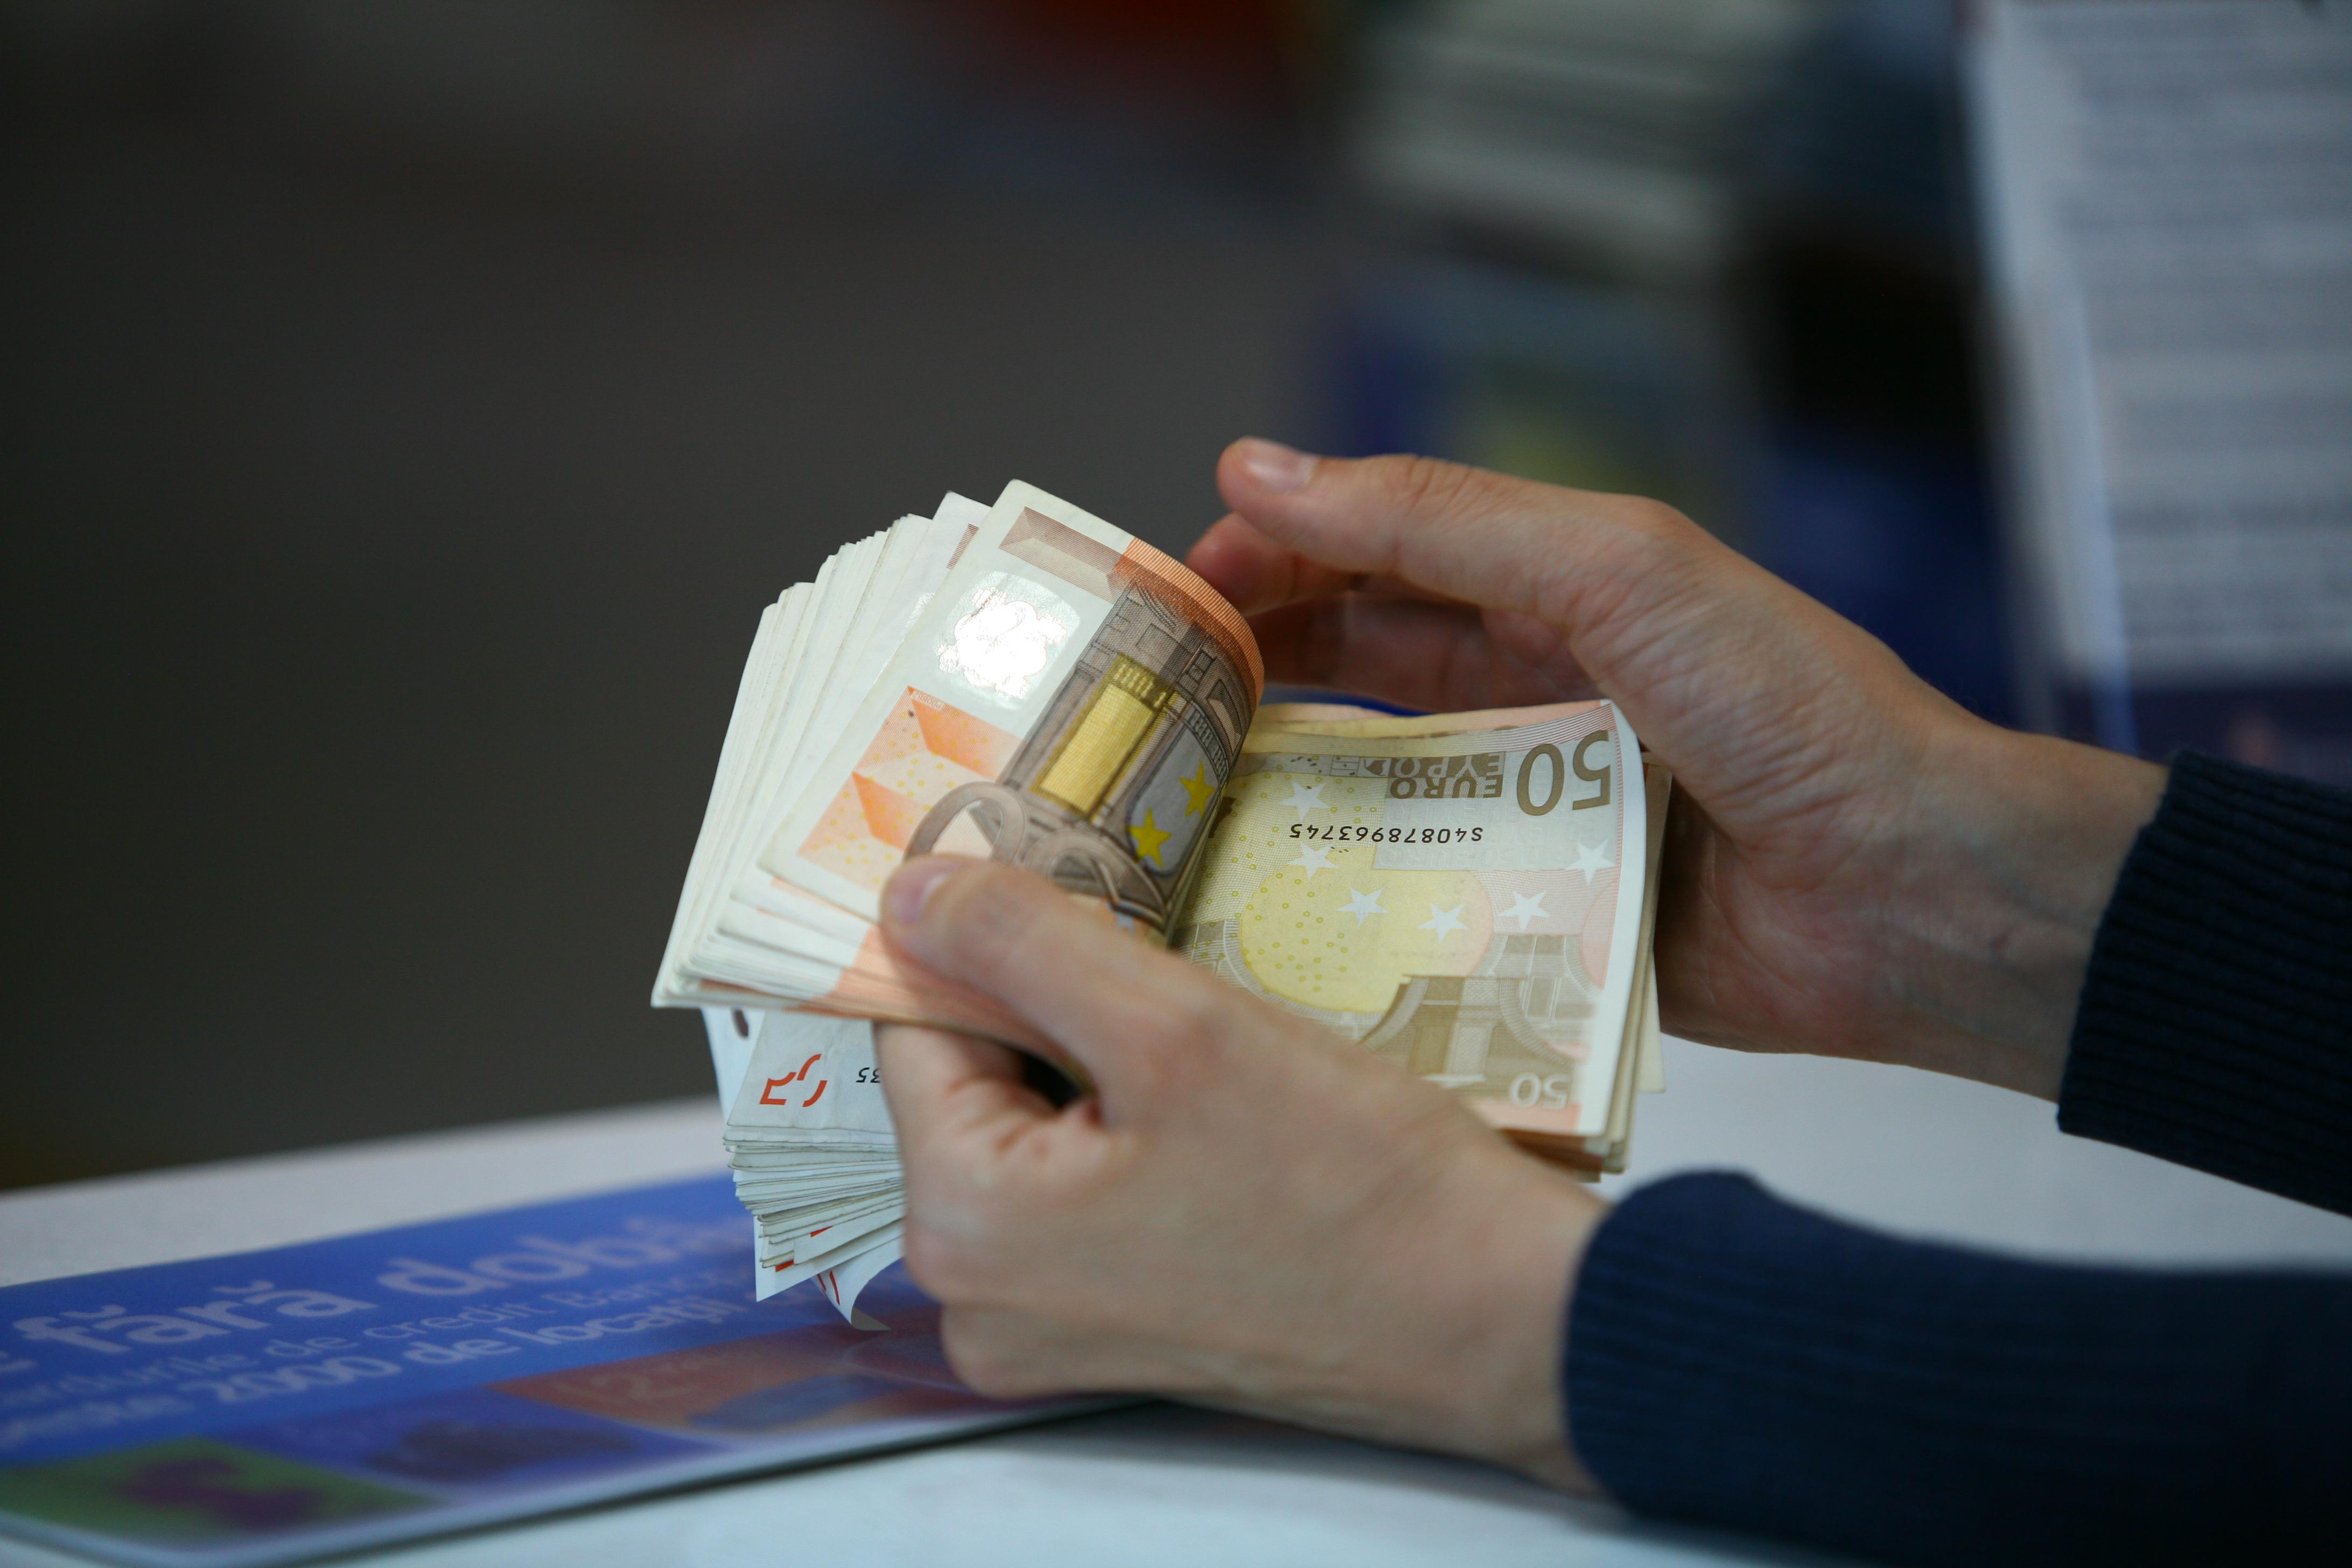 Chiţoiu: Neimpozitarea profitului reinvestit, o măsură de relansare economică pe care o avem în vedere